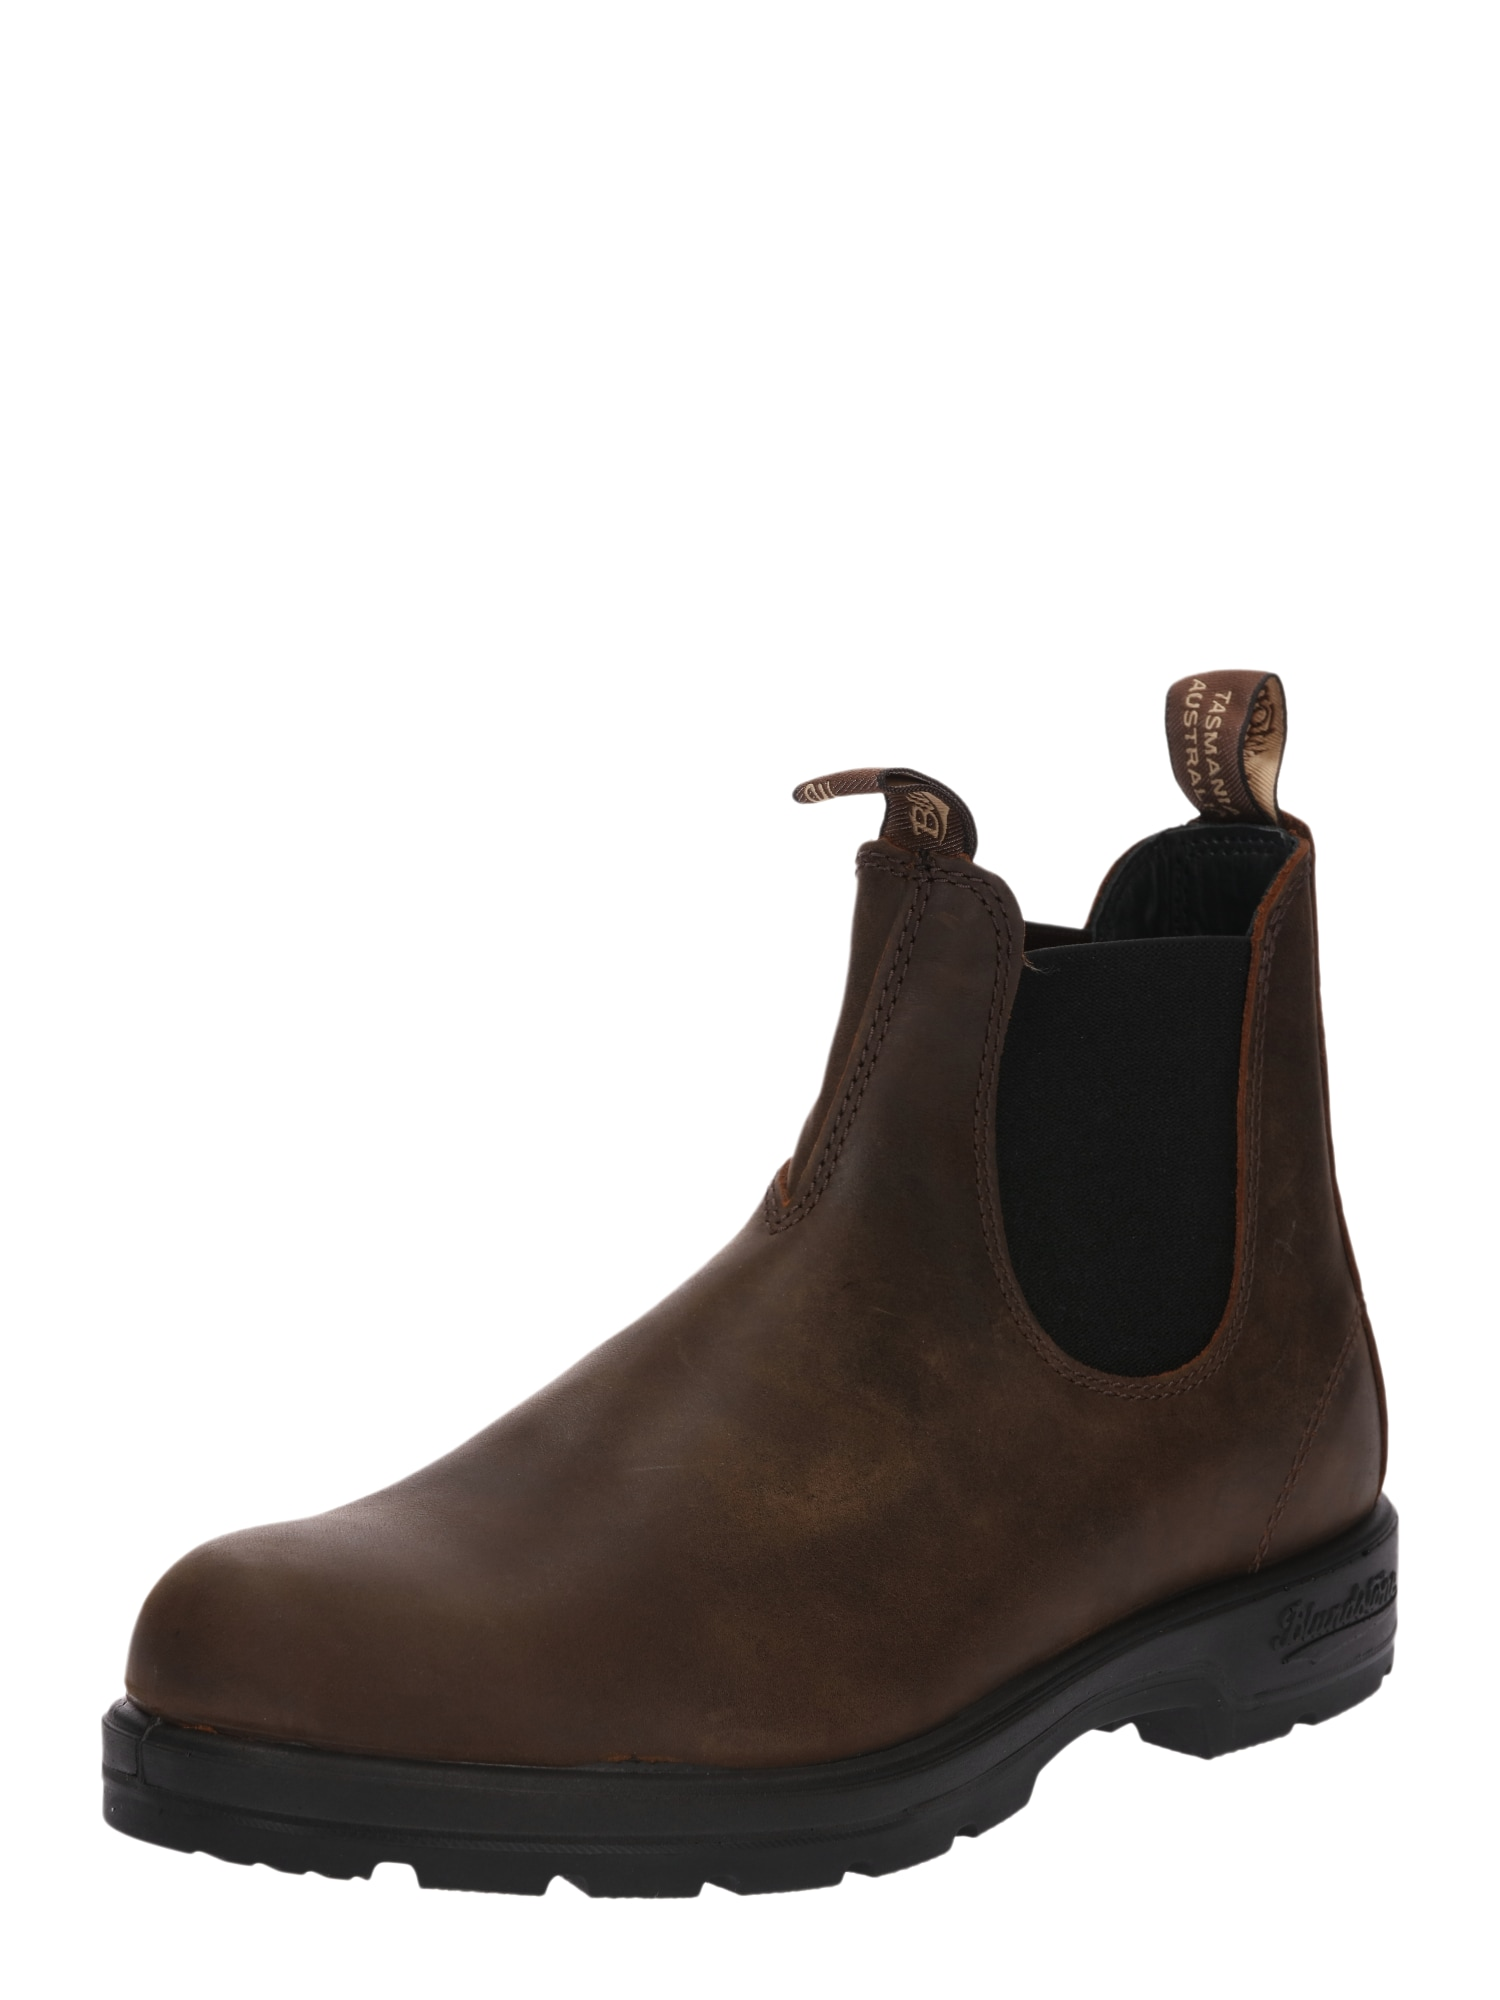 Blundstone Chelsea batai kaštoninė spalva